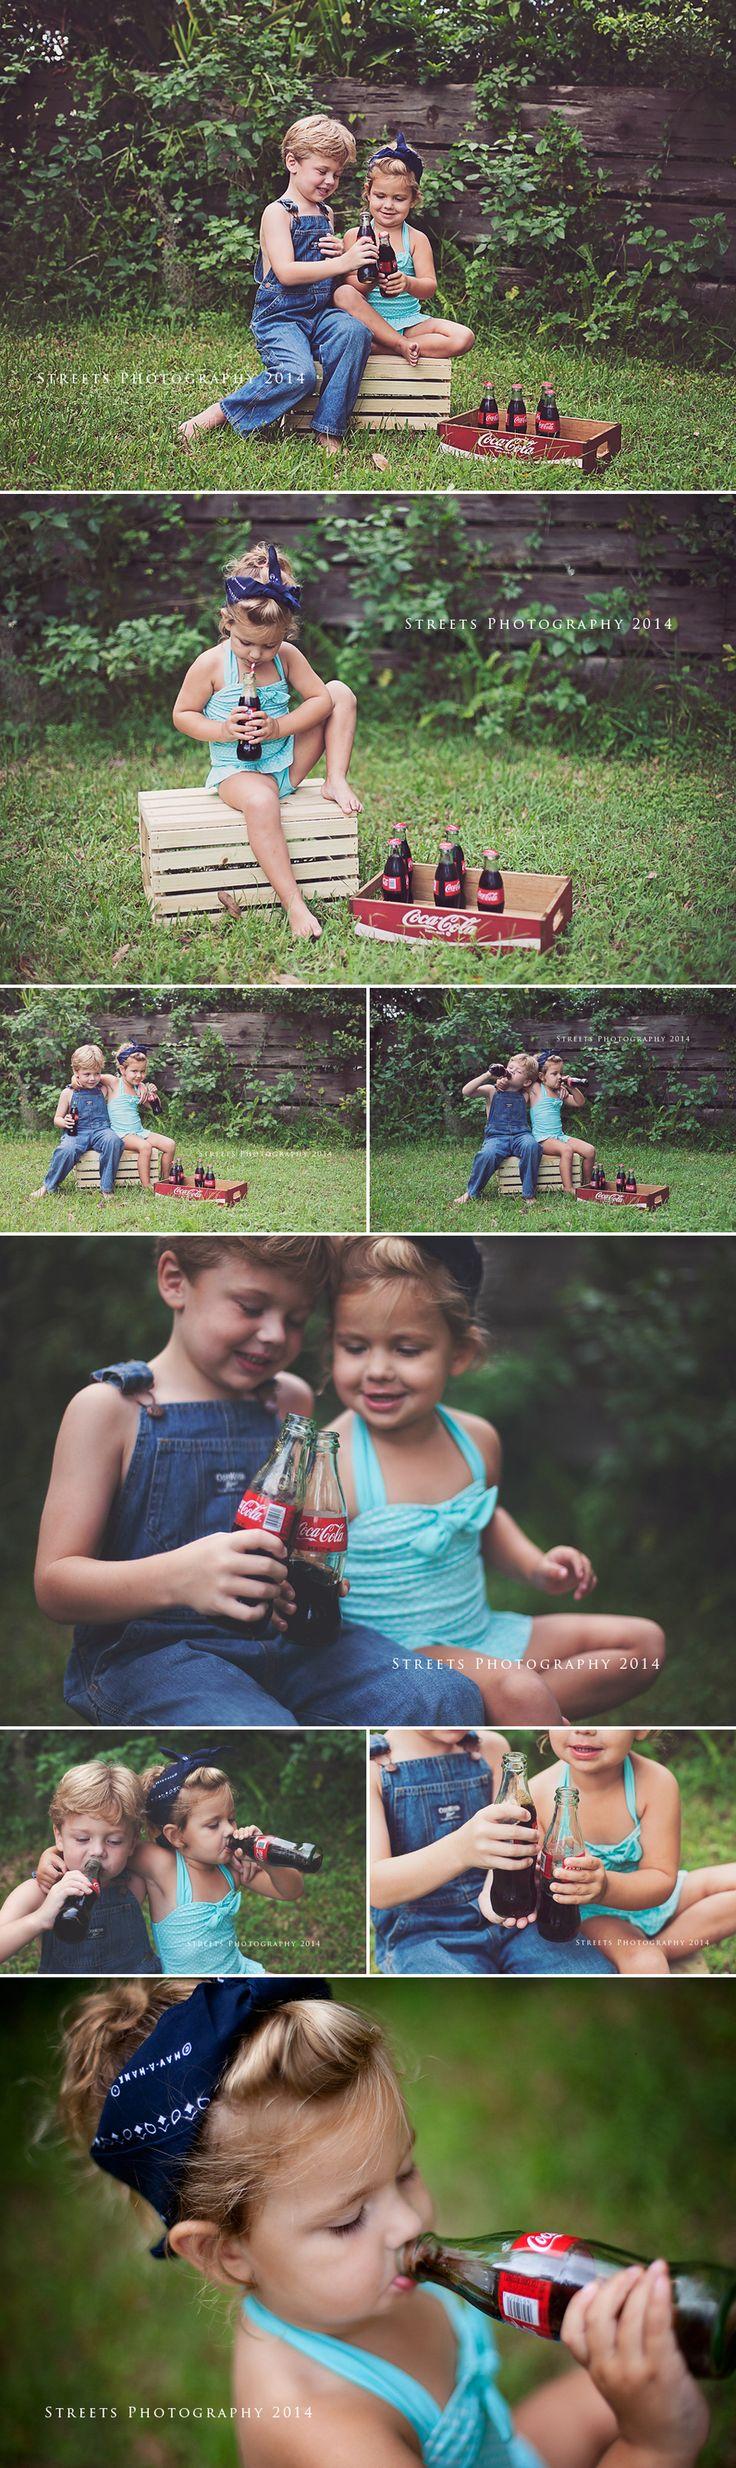 Coca-cola photoshoot, end of summer, coke photoshoot